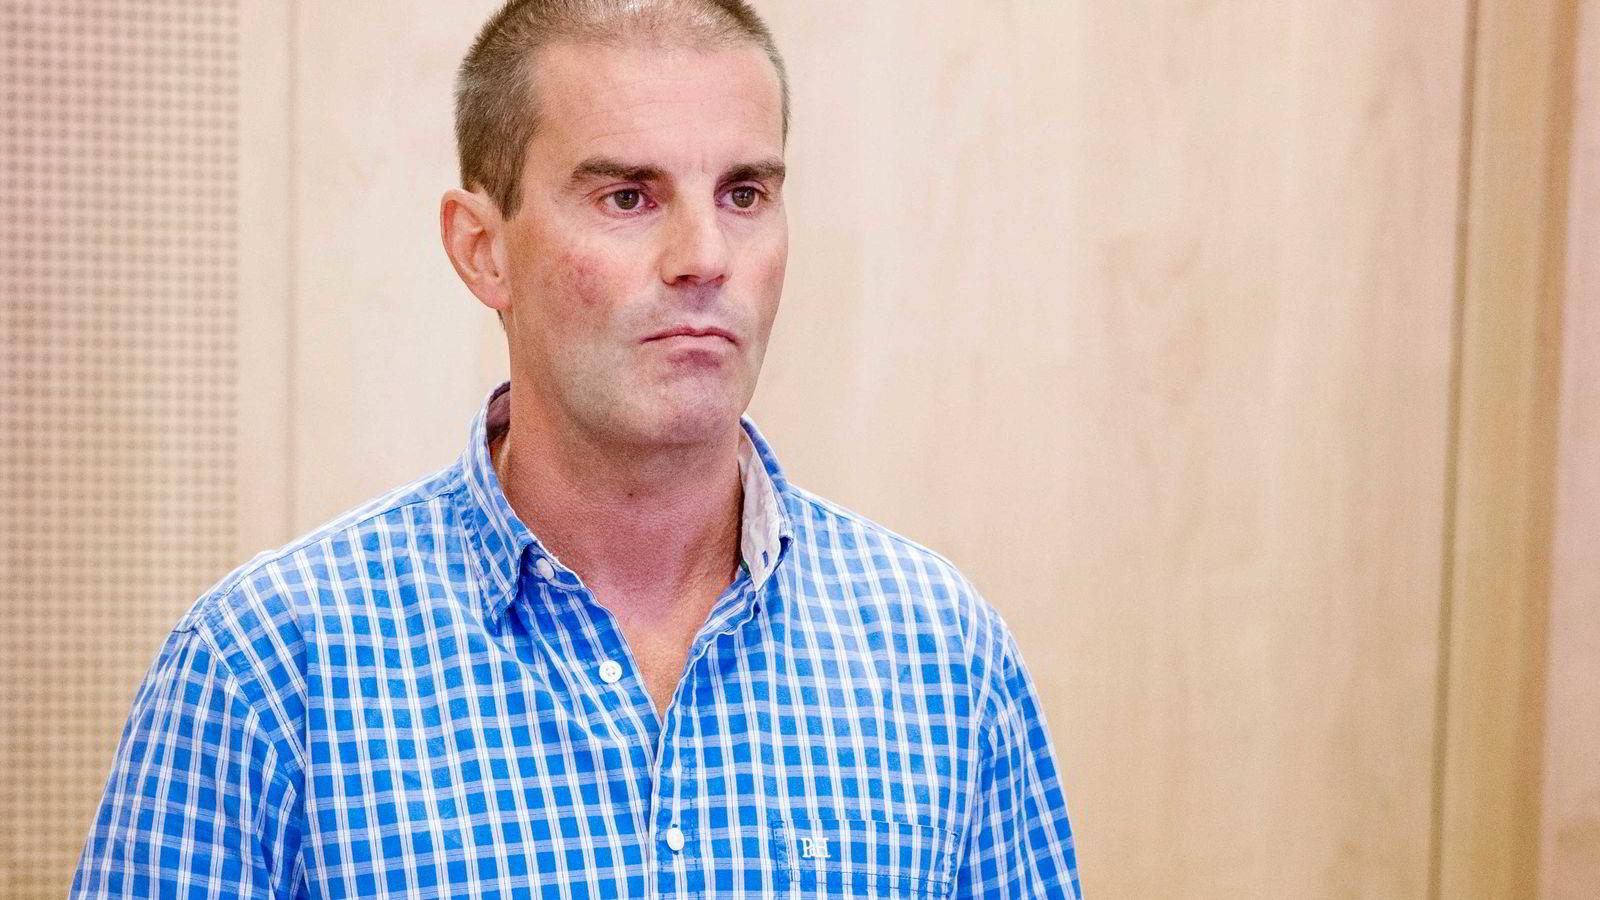 Morgan Andersen (bildet) har hatt advokat Per Danielsen ved sin side gjennom flere konflikter de siste årene. Foto: Erlend Aas/